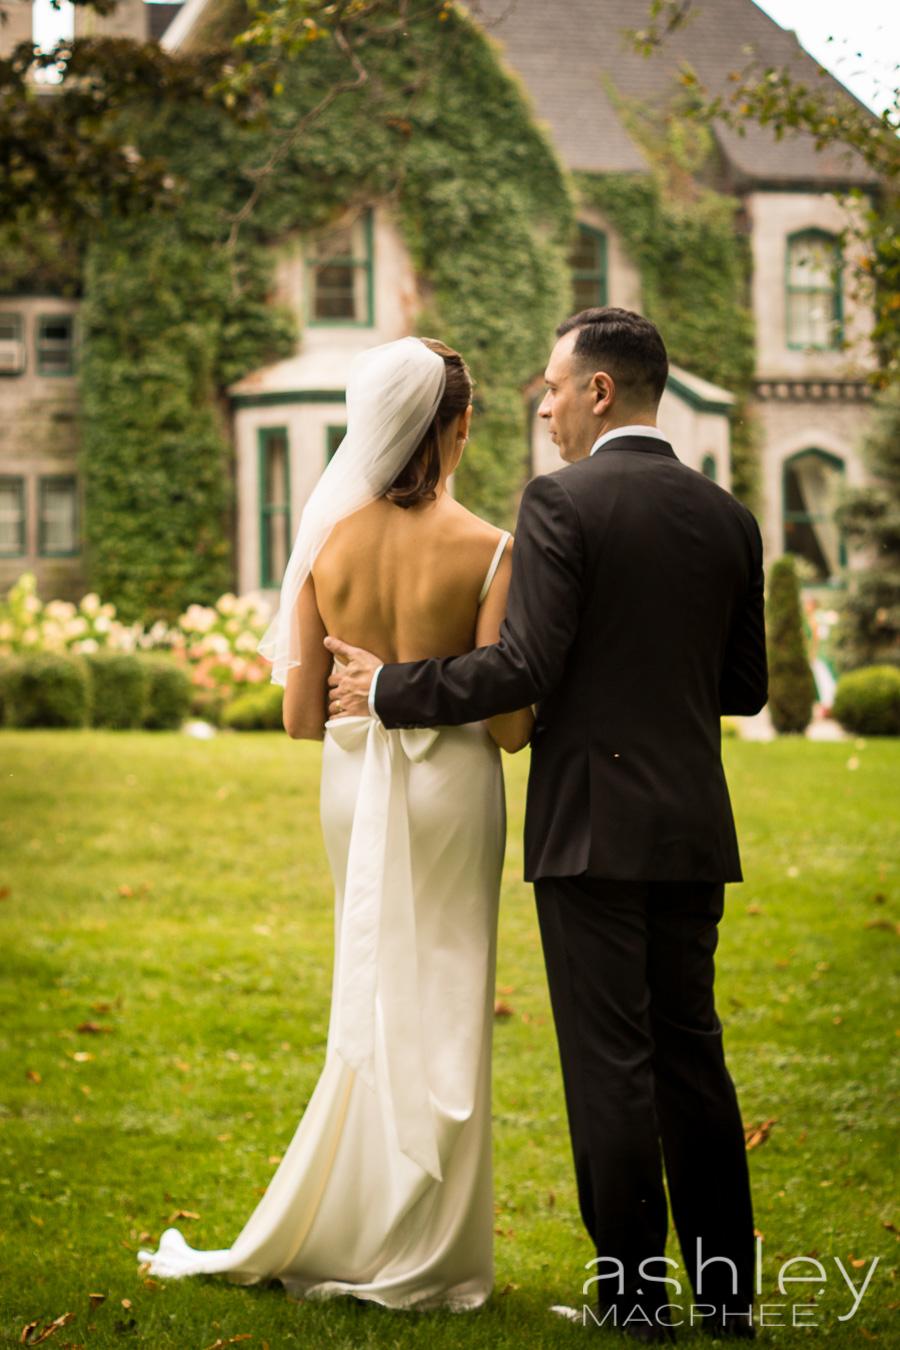 Ashley MacPhee Photography Montreal Wedding (5 of 11).jpg